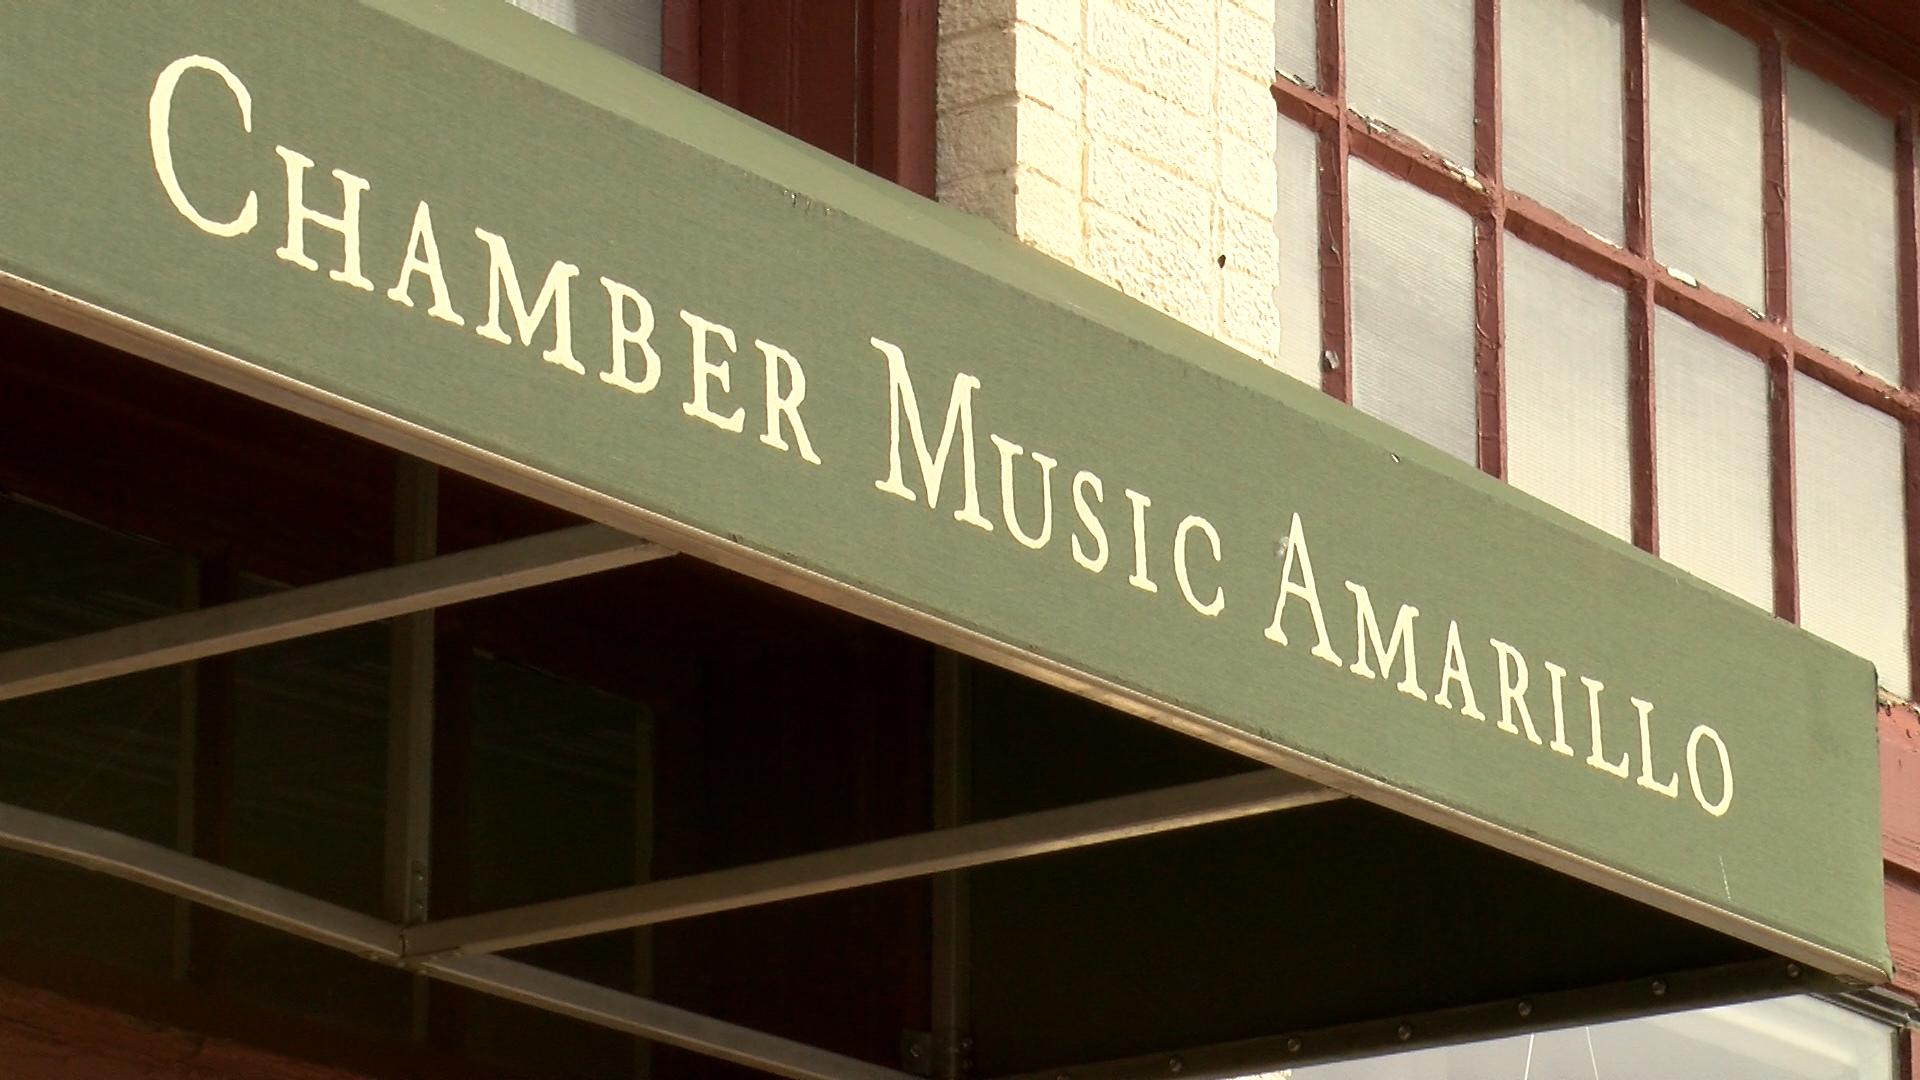 chambermusic ama_1518432543111.jpg.jpg